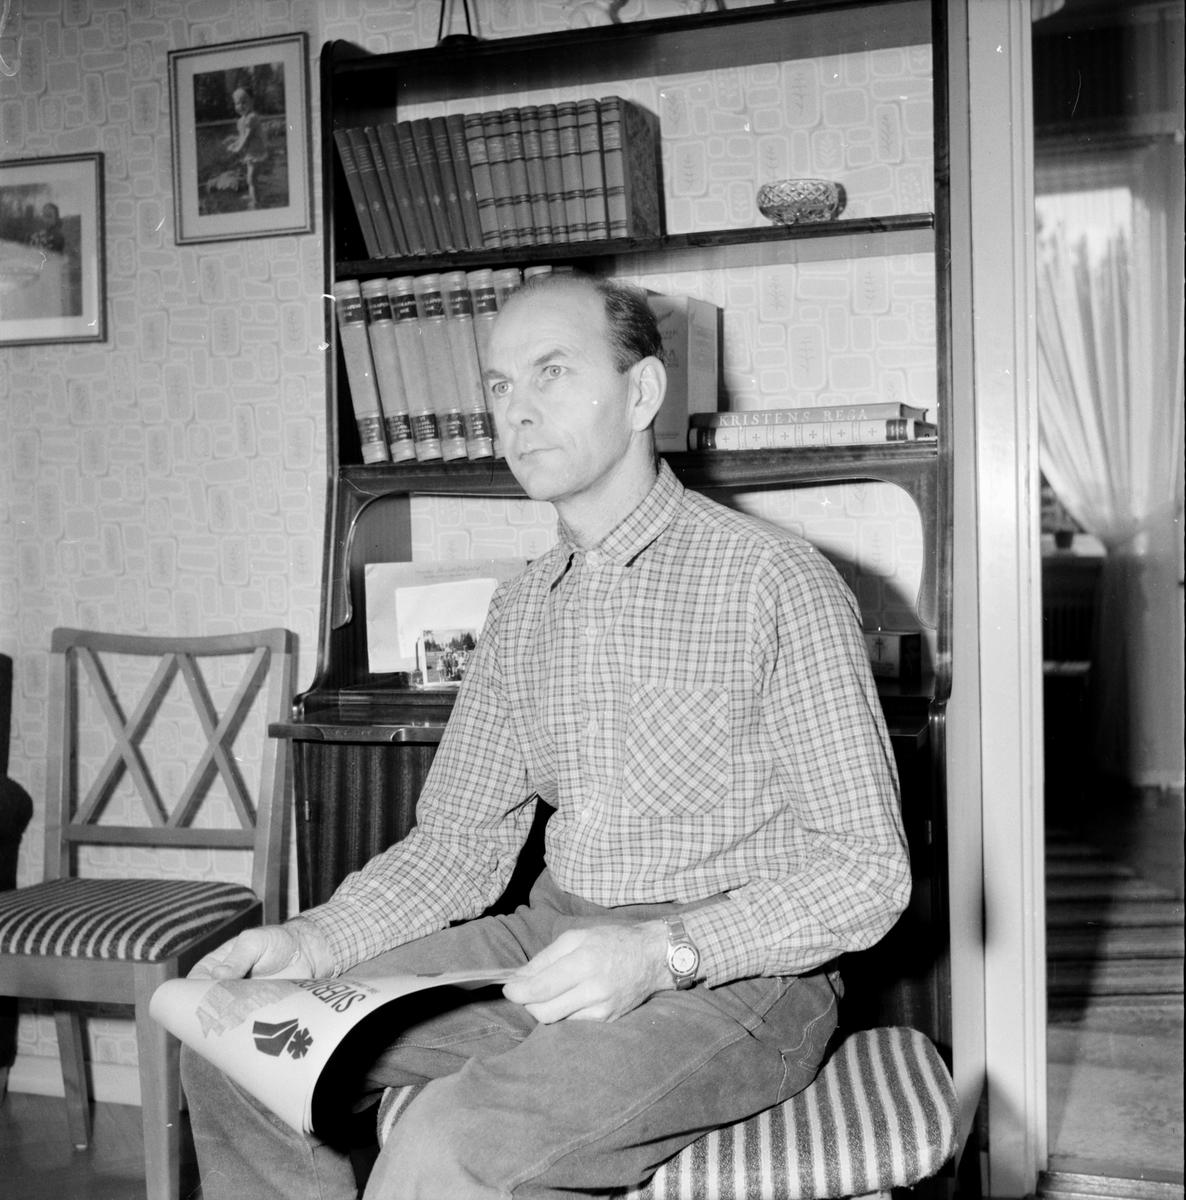 Lingbo, Ungdomsverksamheten, Kyrkan,miss.förs. Idrotten, IOGT, 5 Nov 1964